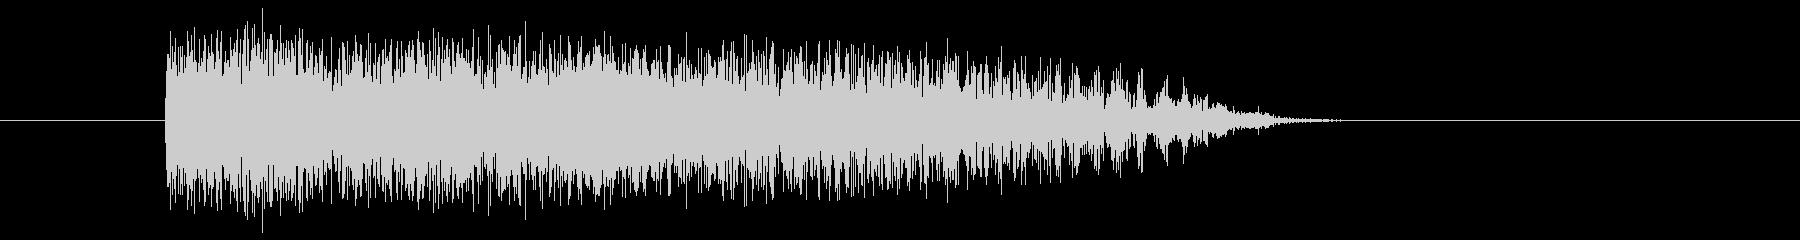 怪獣怪我-グロール3の未再生の波形